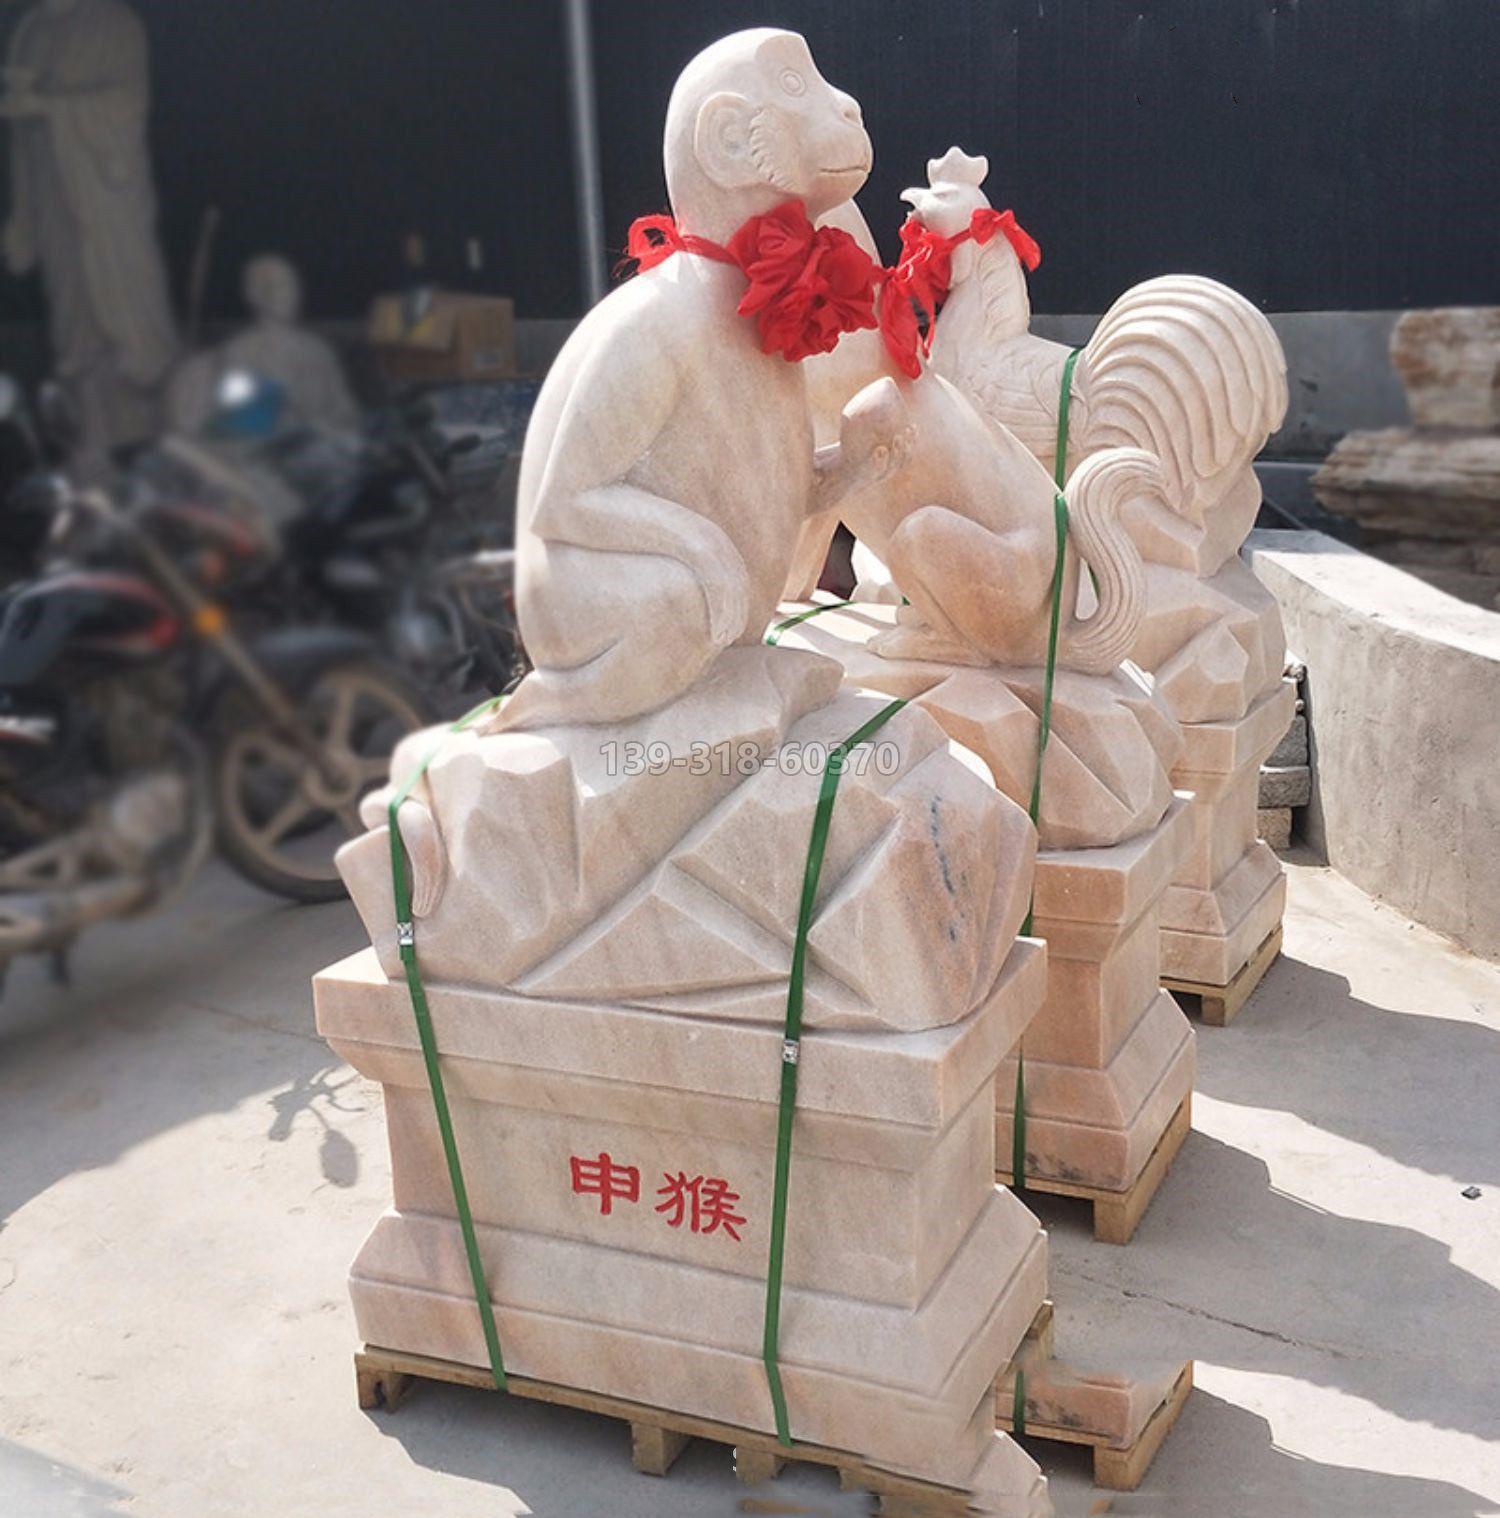 申猴-晚霞红12生肖石雕